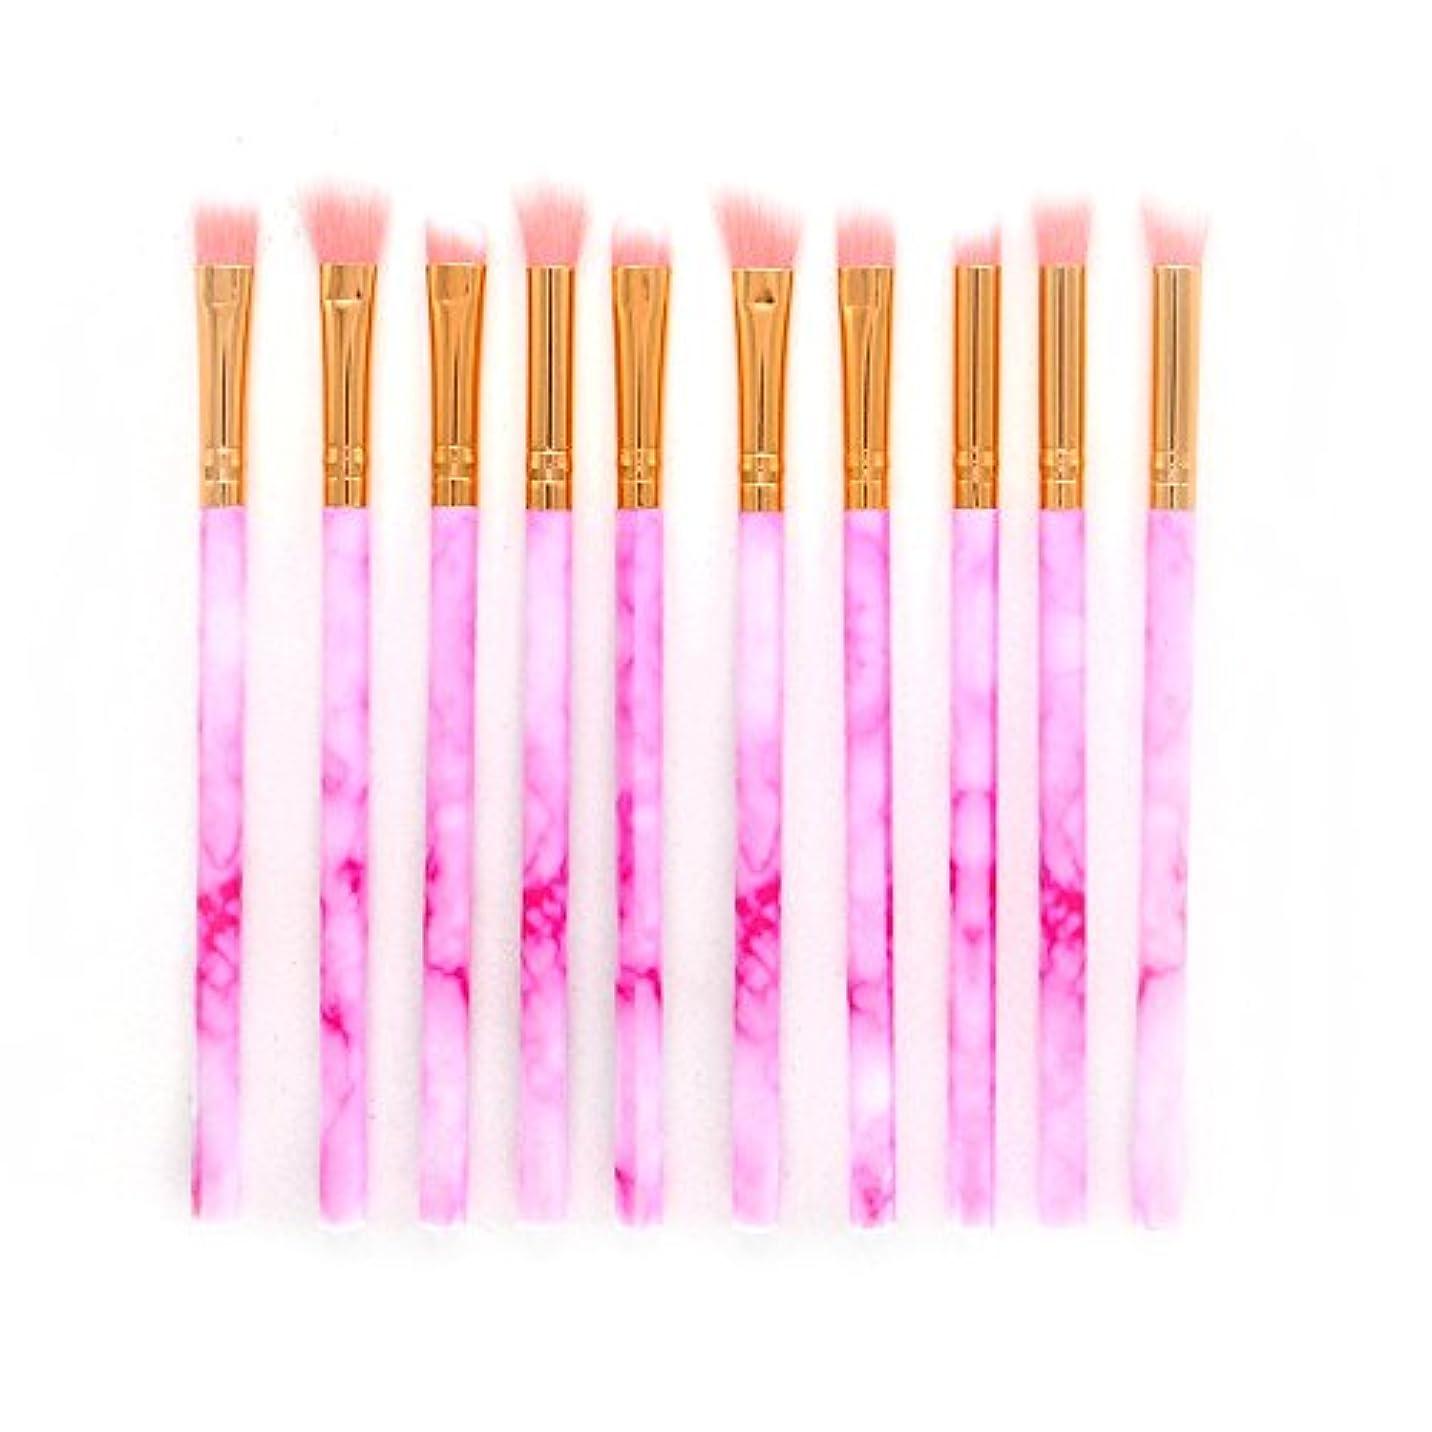 バラバラにするフルーツベンチ笑え熊 化粧筆 メイク 筆 限定版 アイシャドーブラシ 10本セット 化粧ブラシ おしゃれ 日常の化粧 集まる化粧